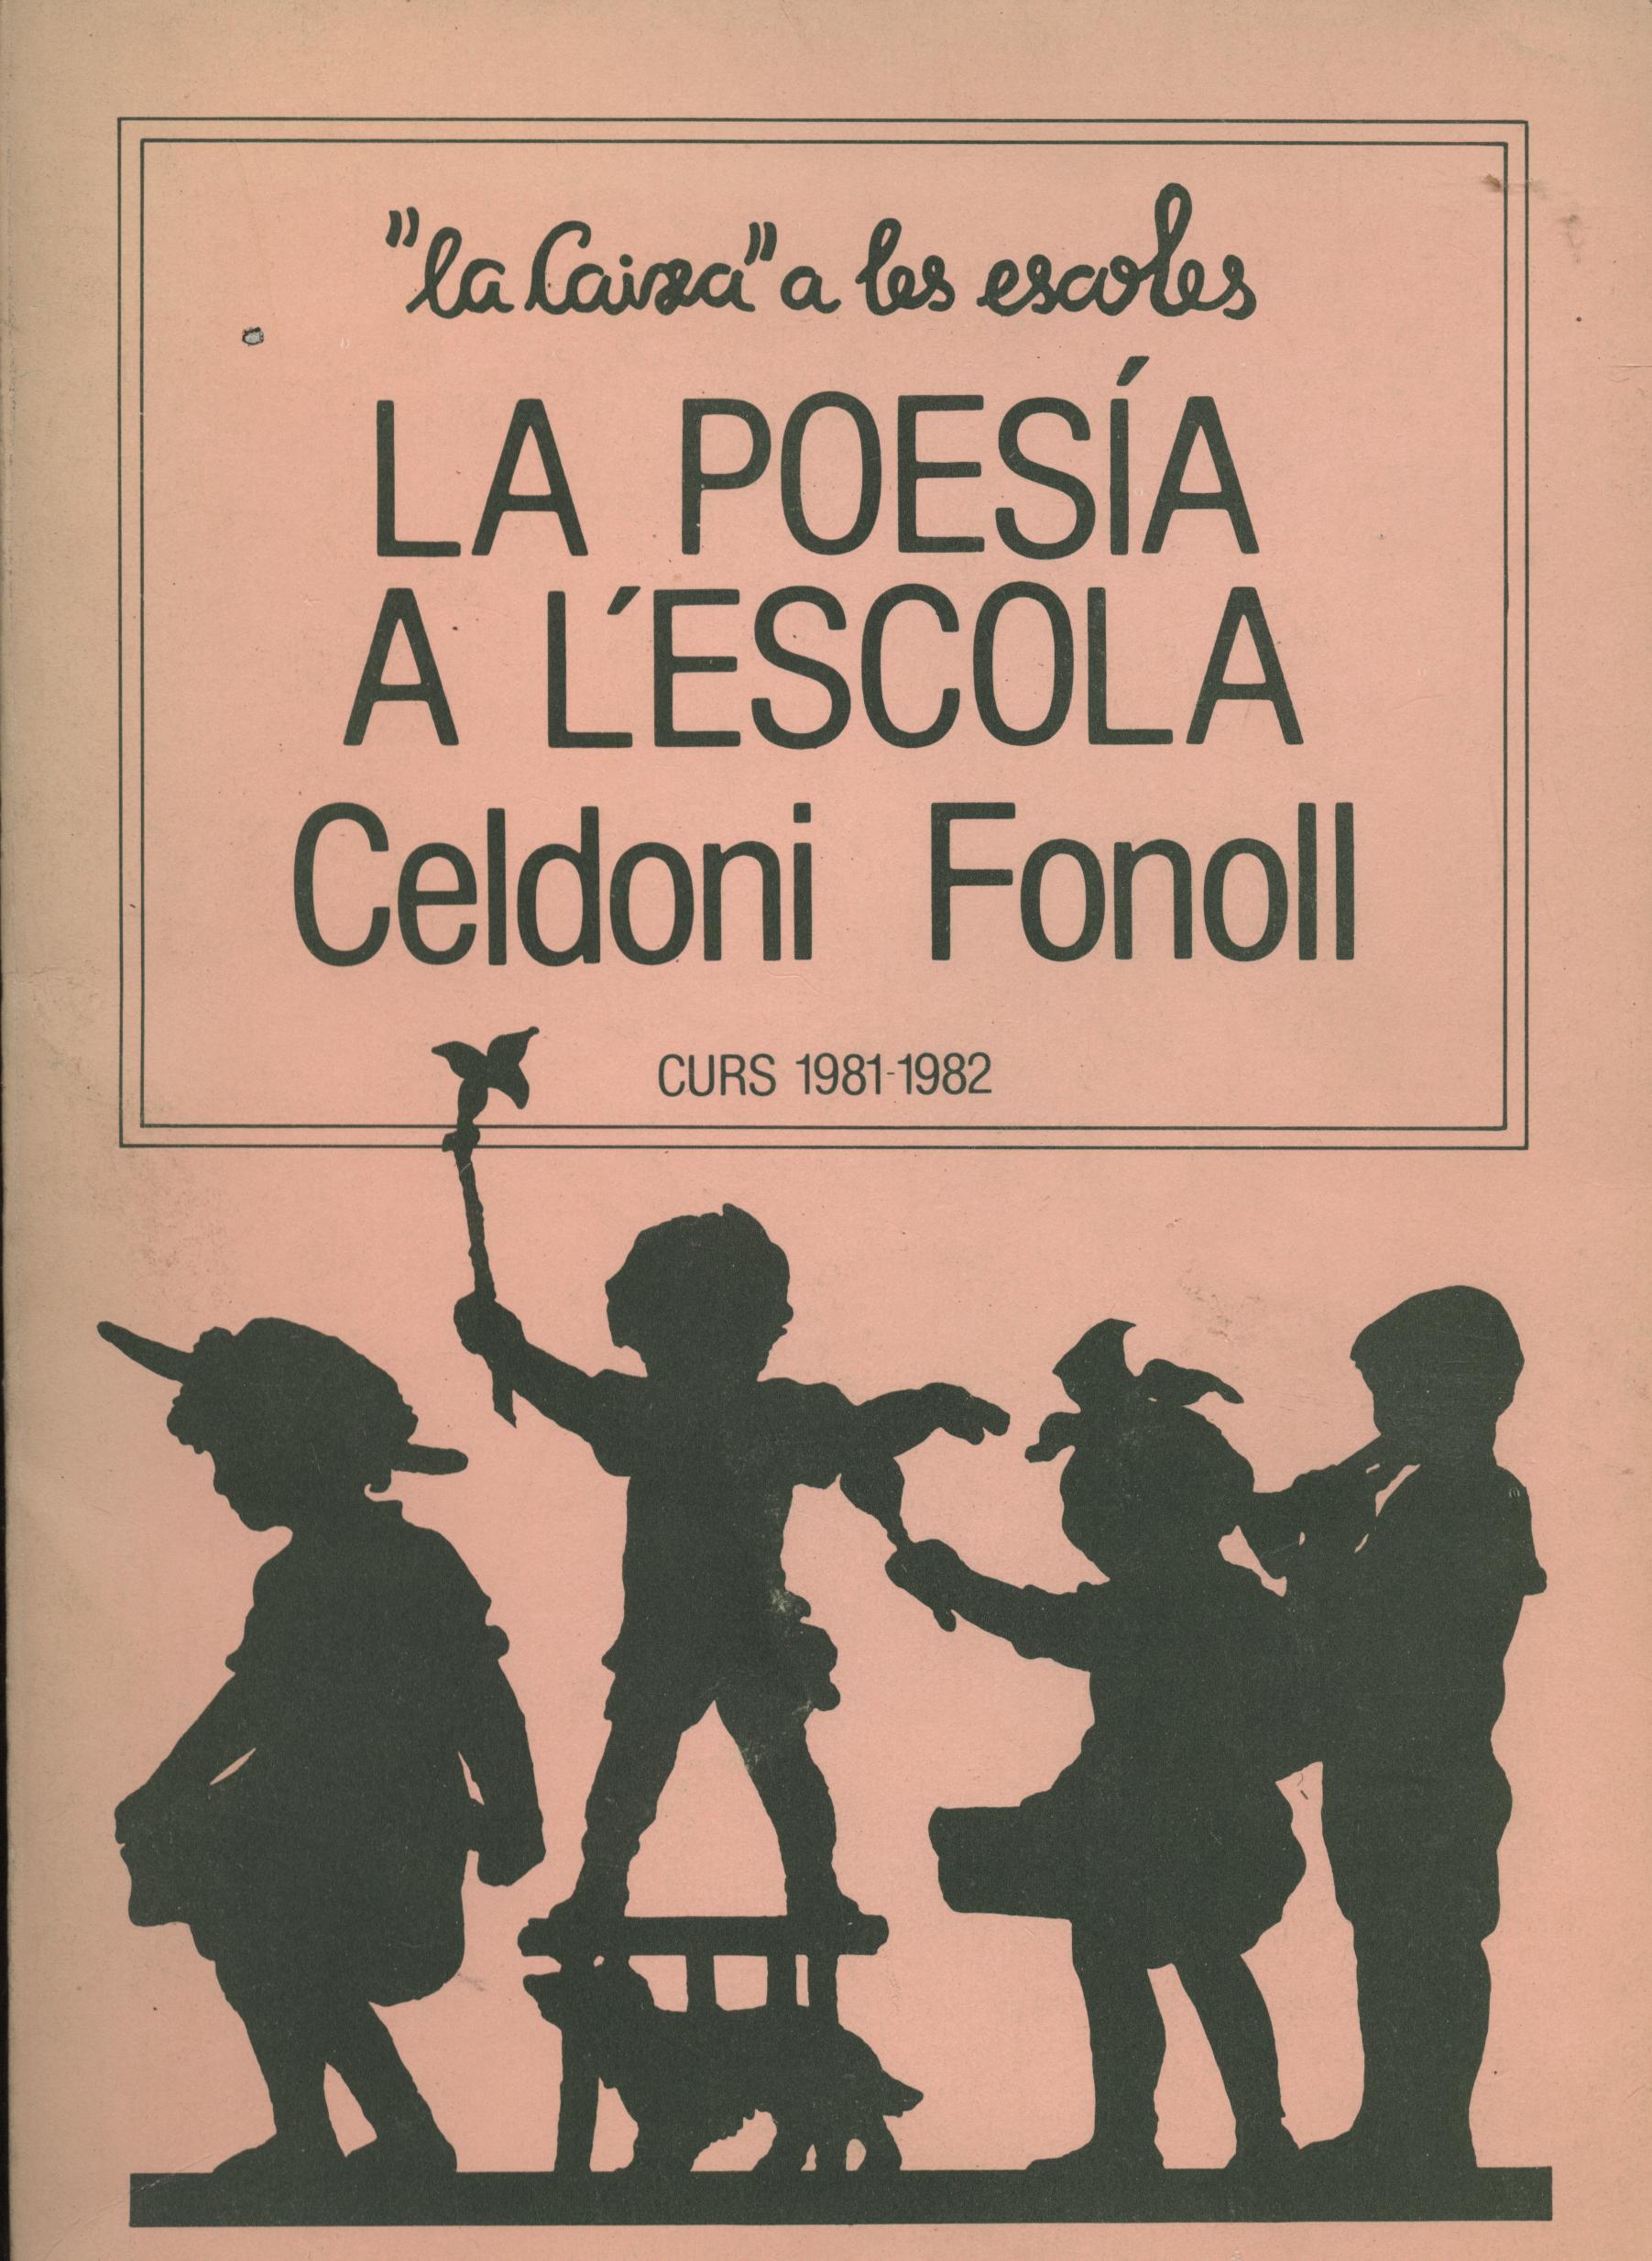 La poesia a l'escola - Celdoni Fonoll a bratac.cat